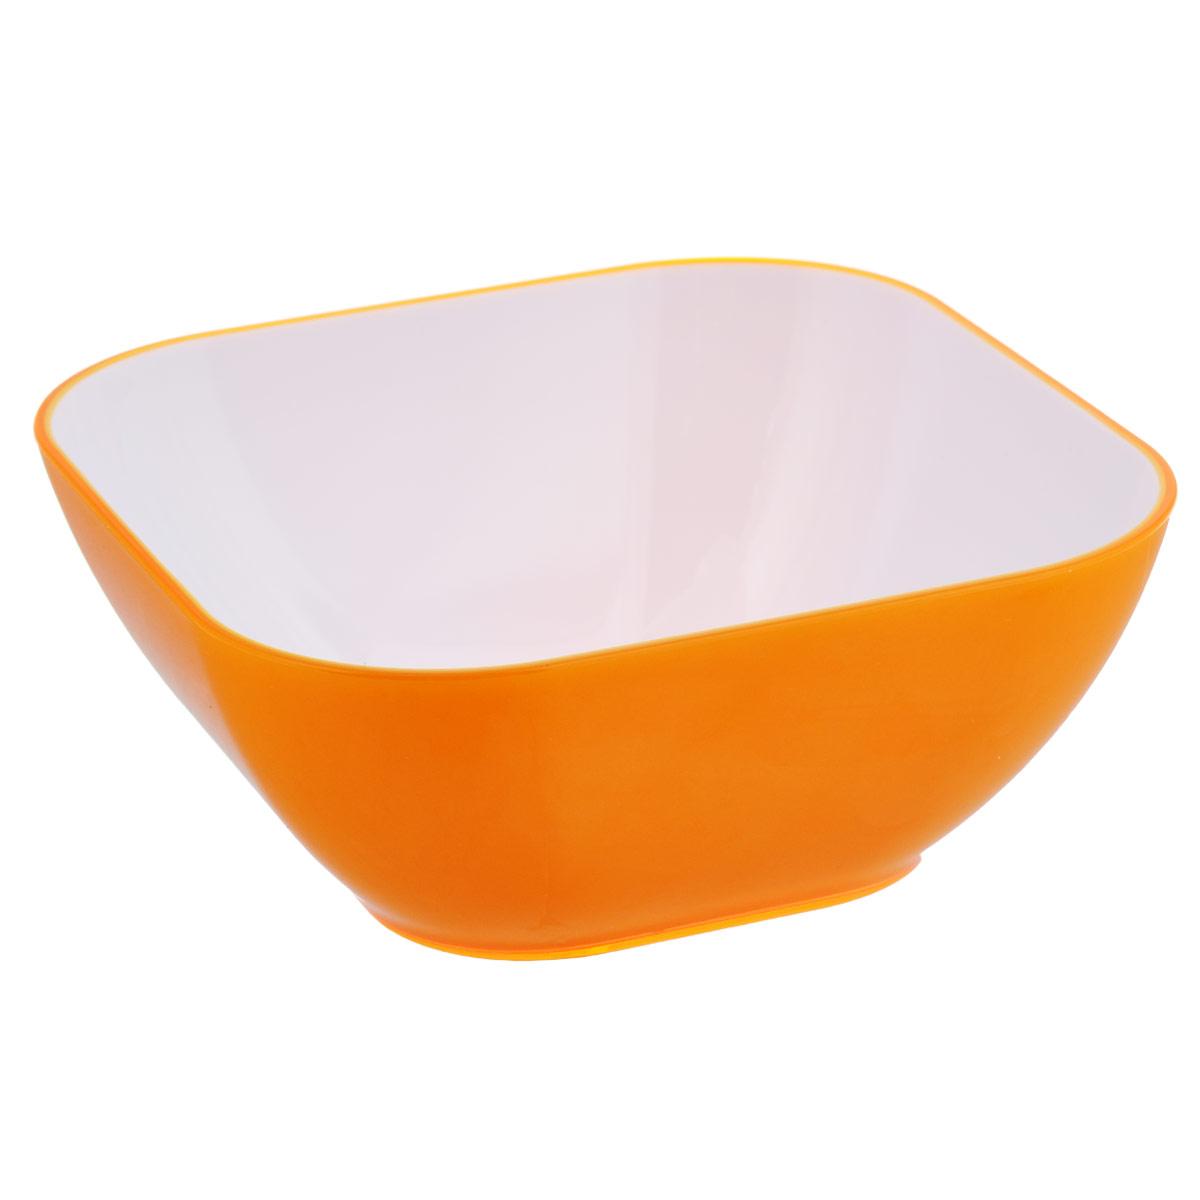 Салатник Bradex, цвет: оранжевый, 3,9 лTK 0130Салатник Bradex выполнен из цветного пищевого пластика, устойчивого к действию уксуса, спирта и масел. Салатник прочный и стойкий к царапинам. Благодаря высококачественным материалам он не впитывает запахи и не изменяет вкусовые качества пищи. Идеально подходит как для домашнего использования, так и для пикников. Яркий салатник создаст веселое летнее настроение за вашим столом, будь то домашний обед или завтрак на природе. Салатник настолько легок в уходе, что не отнимет у вас ни секунды лишнего времени, отведенного на послеобеденный отдых. Стильный и функциональный дизайн, легко моется. Объем: 3,9 л.